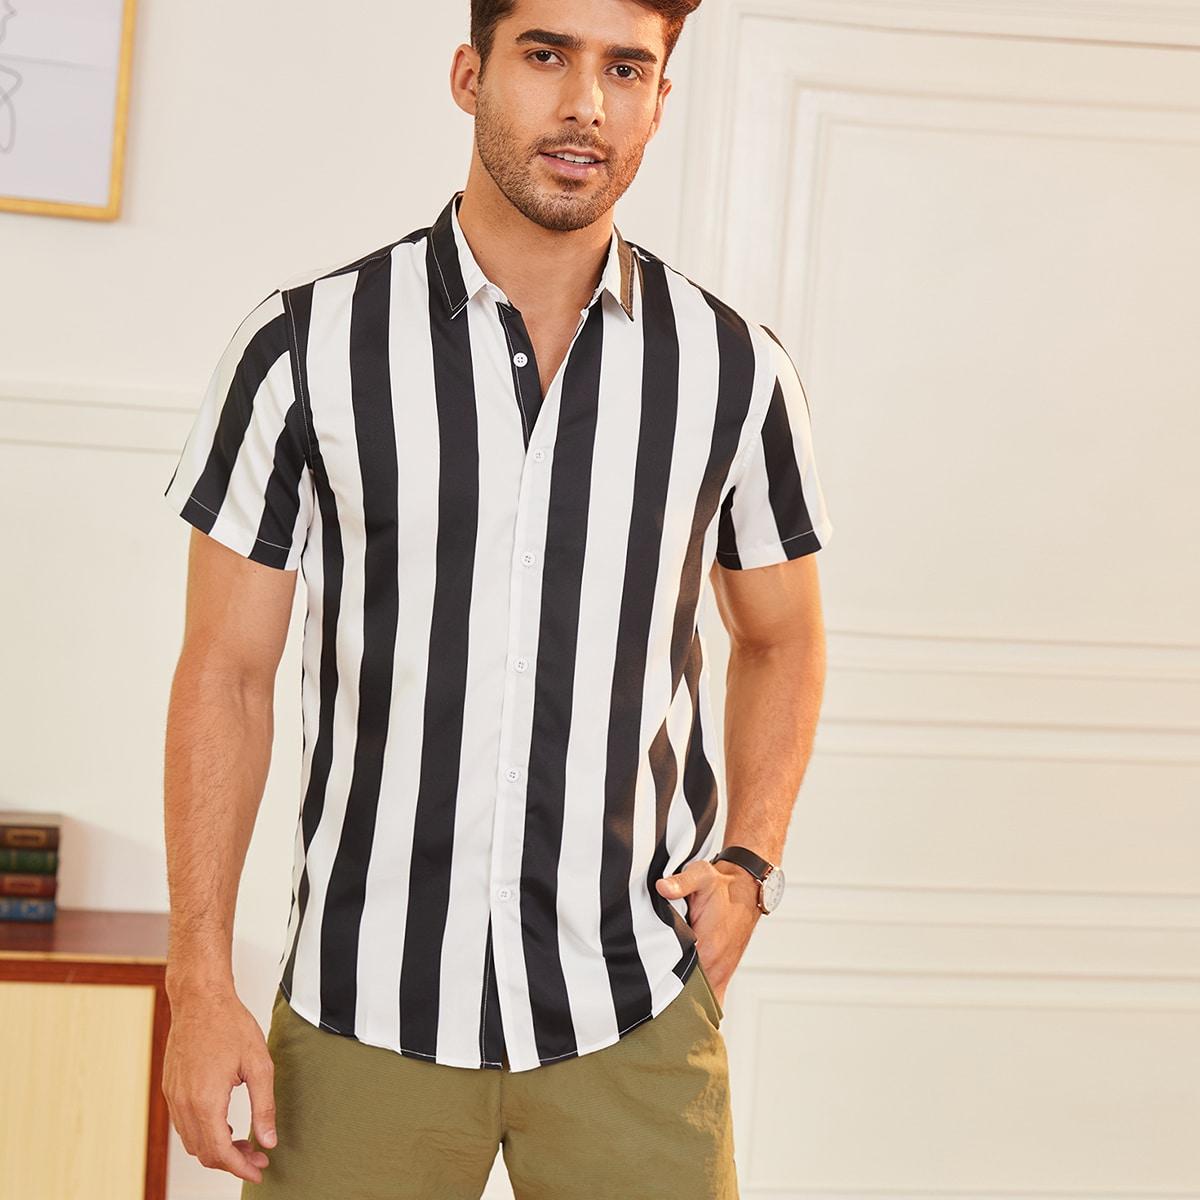 Мужской Рубашка на пуговицах в полоску SheIn smshirt25210414947